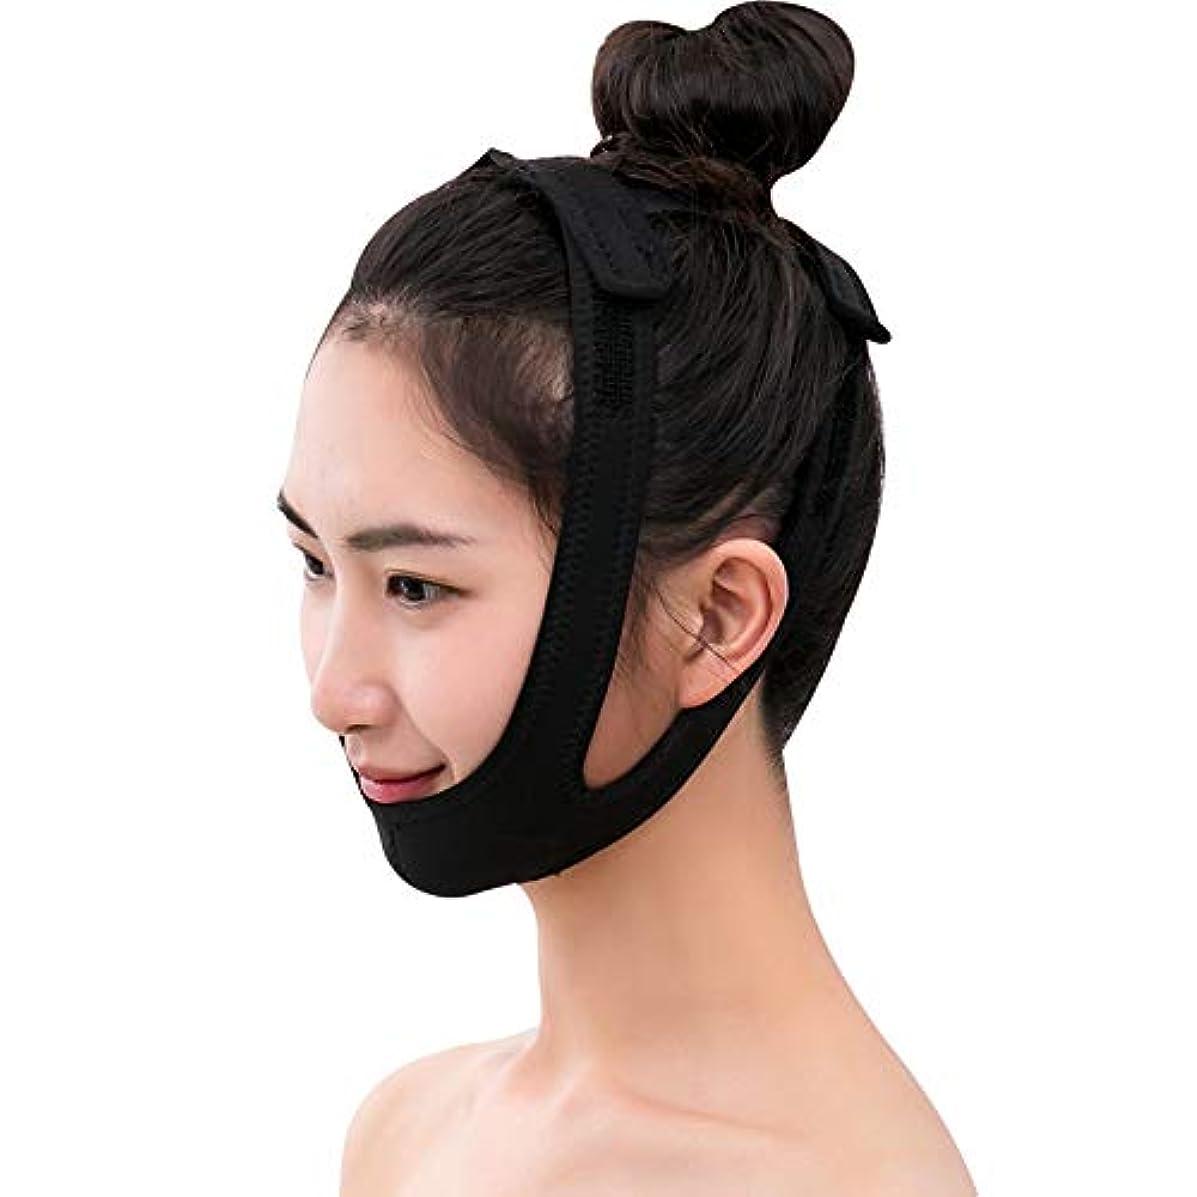 優雅な半ばハロウィン薄いフェイスバンド - 薄い顔の包帯ビューティーインストゥルメントフェイシャルリフト睡眠マスク法Vフェイスマスクの通気性を作る 美しさ